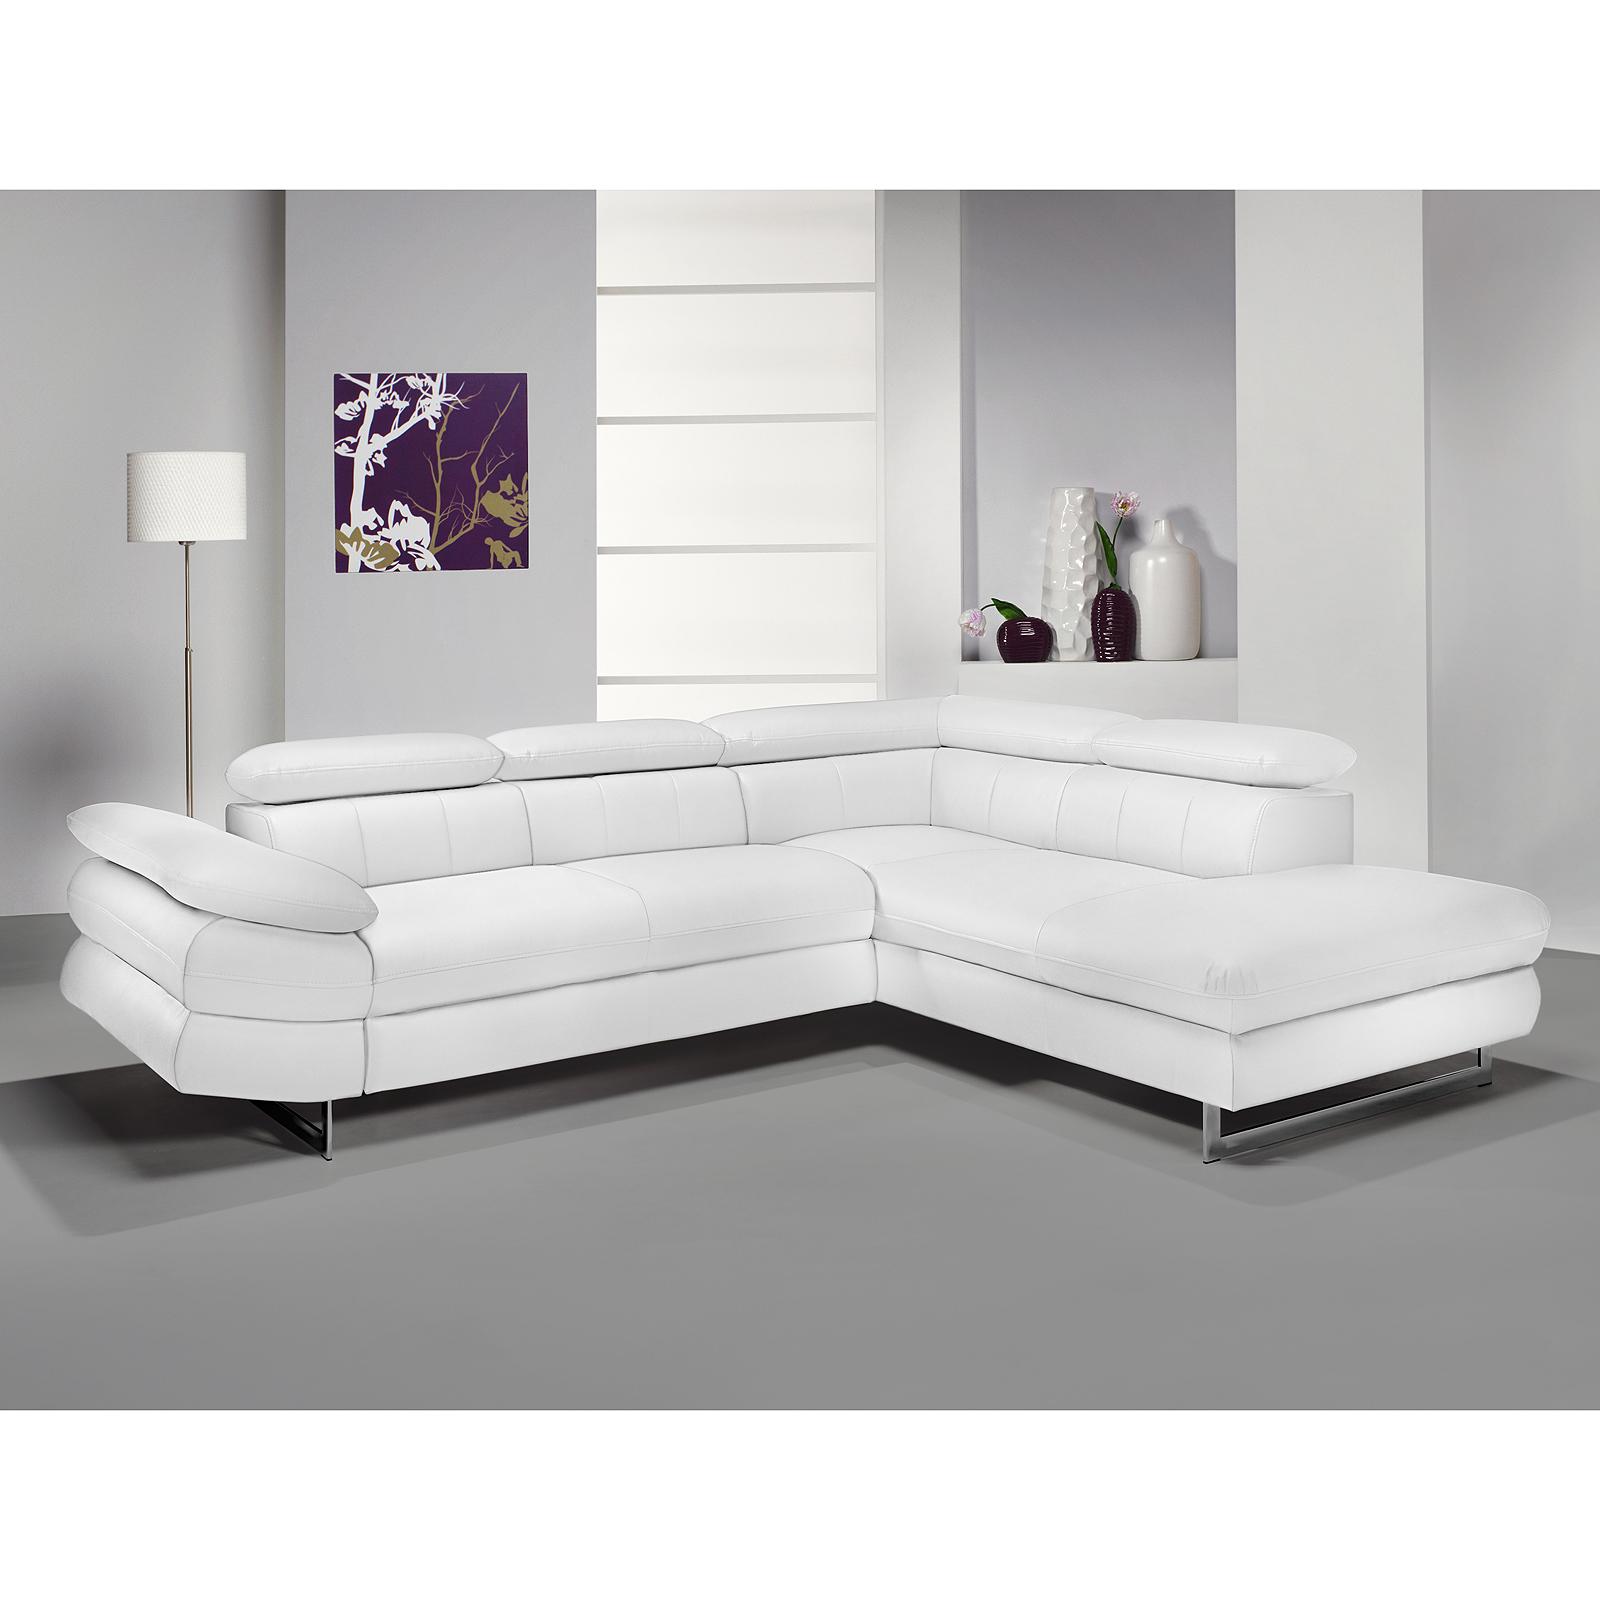 Ecksofa solution sofa wohnlandschaft mit farb und for Funktions ecksofa mit bettkasten